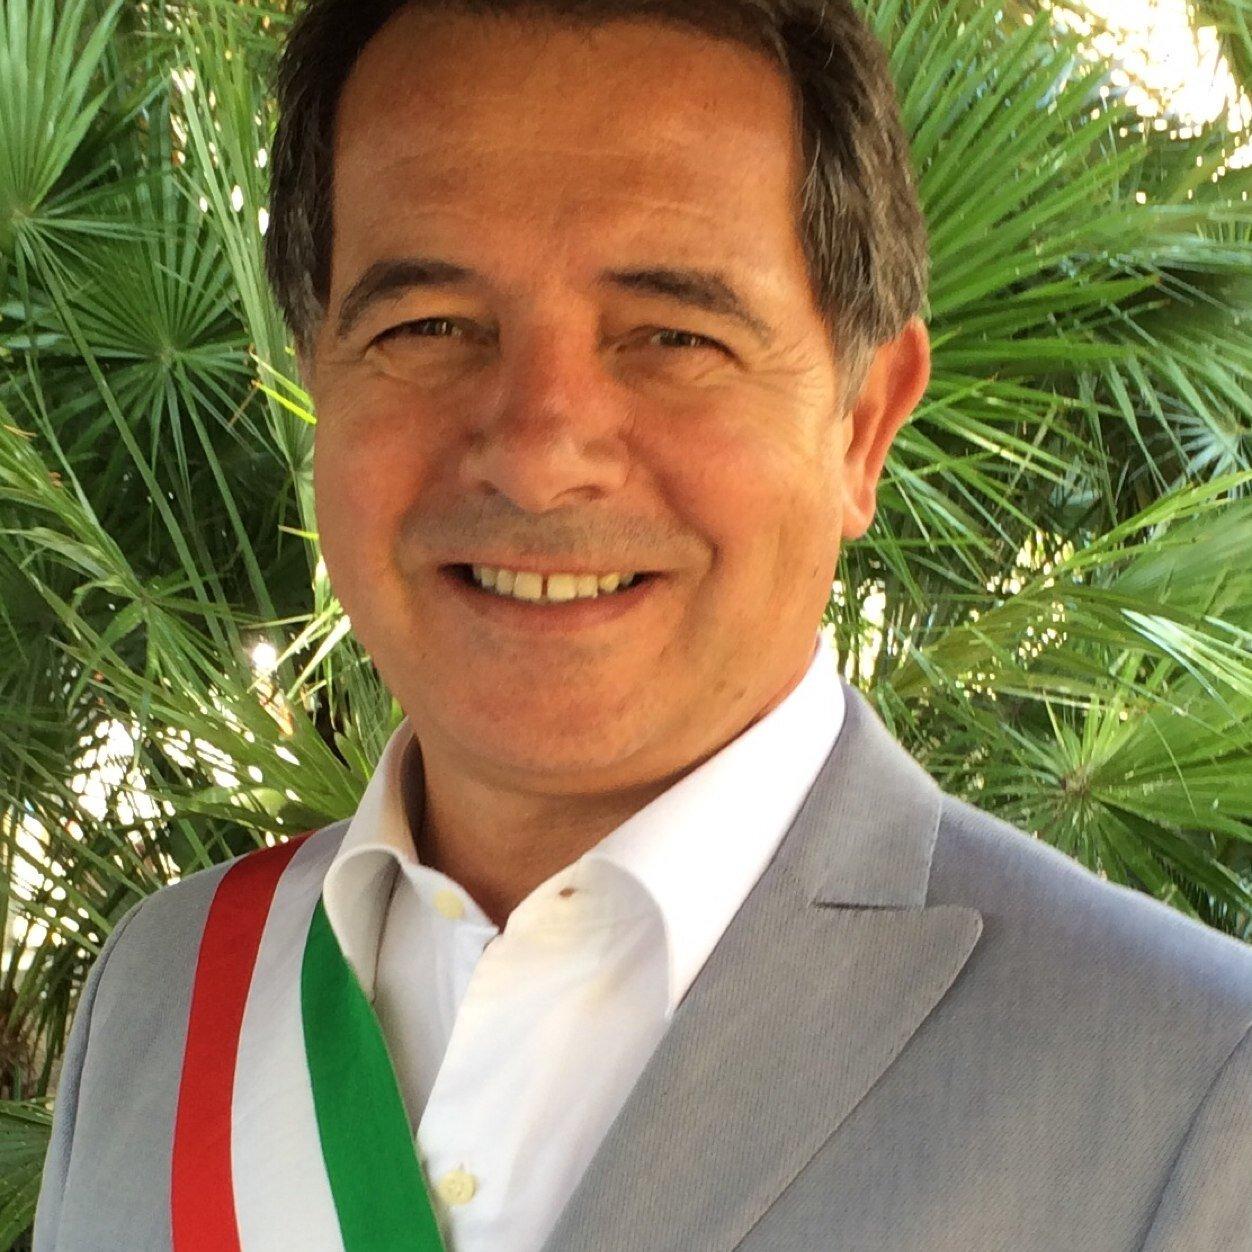 Settimo Nizzi (di Francesco Giorgioni)